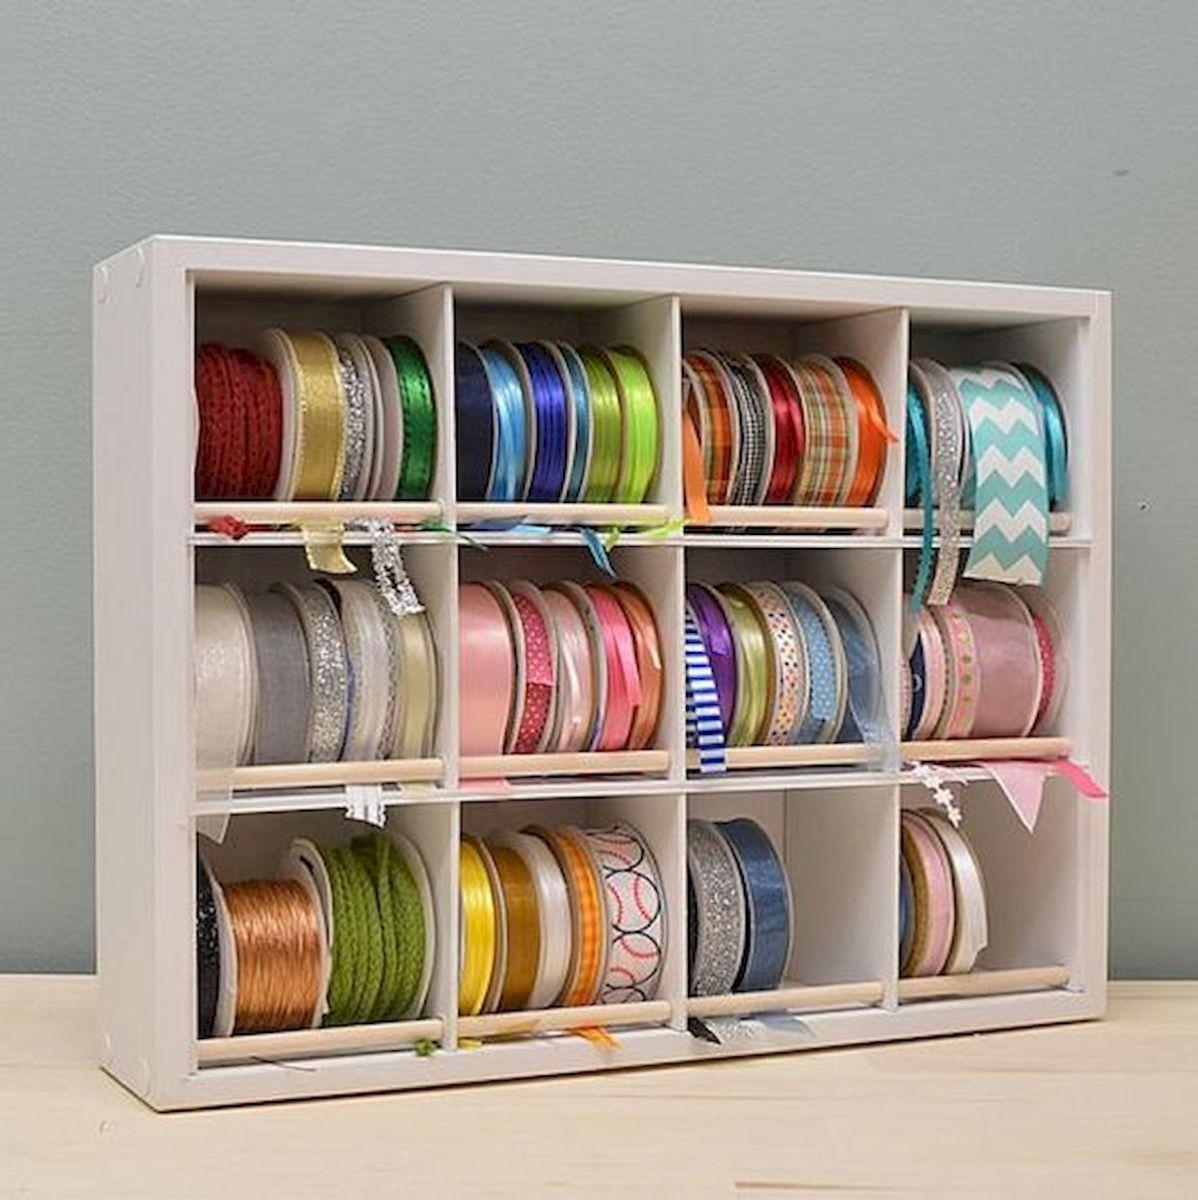 20 Best DIY Furniture Storage Ideas for Crafts (11)